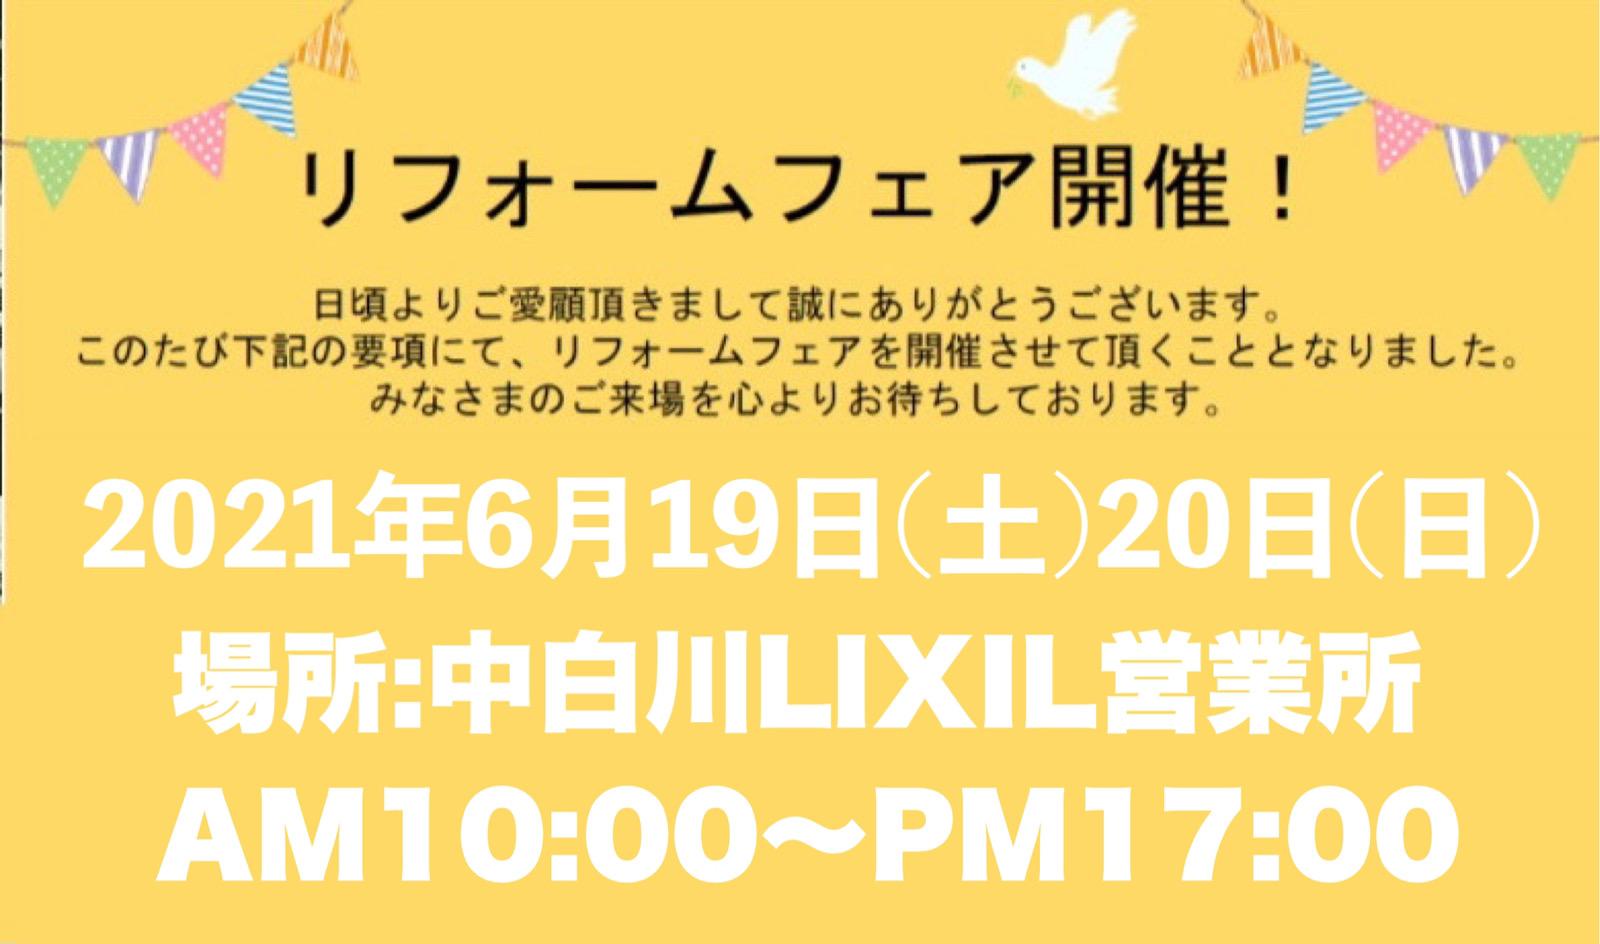 6月19日・20日 リフォームフェア開催します! 福岡トーヨー 大牟田店のイベントキャンペーン メイン写真